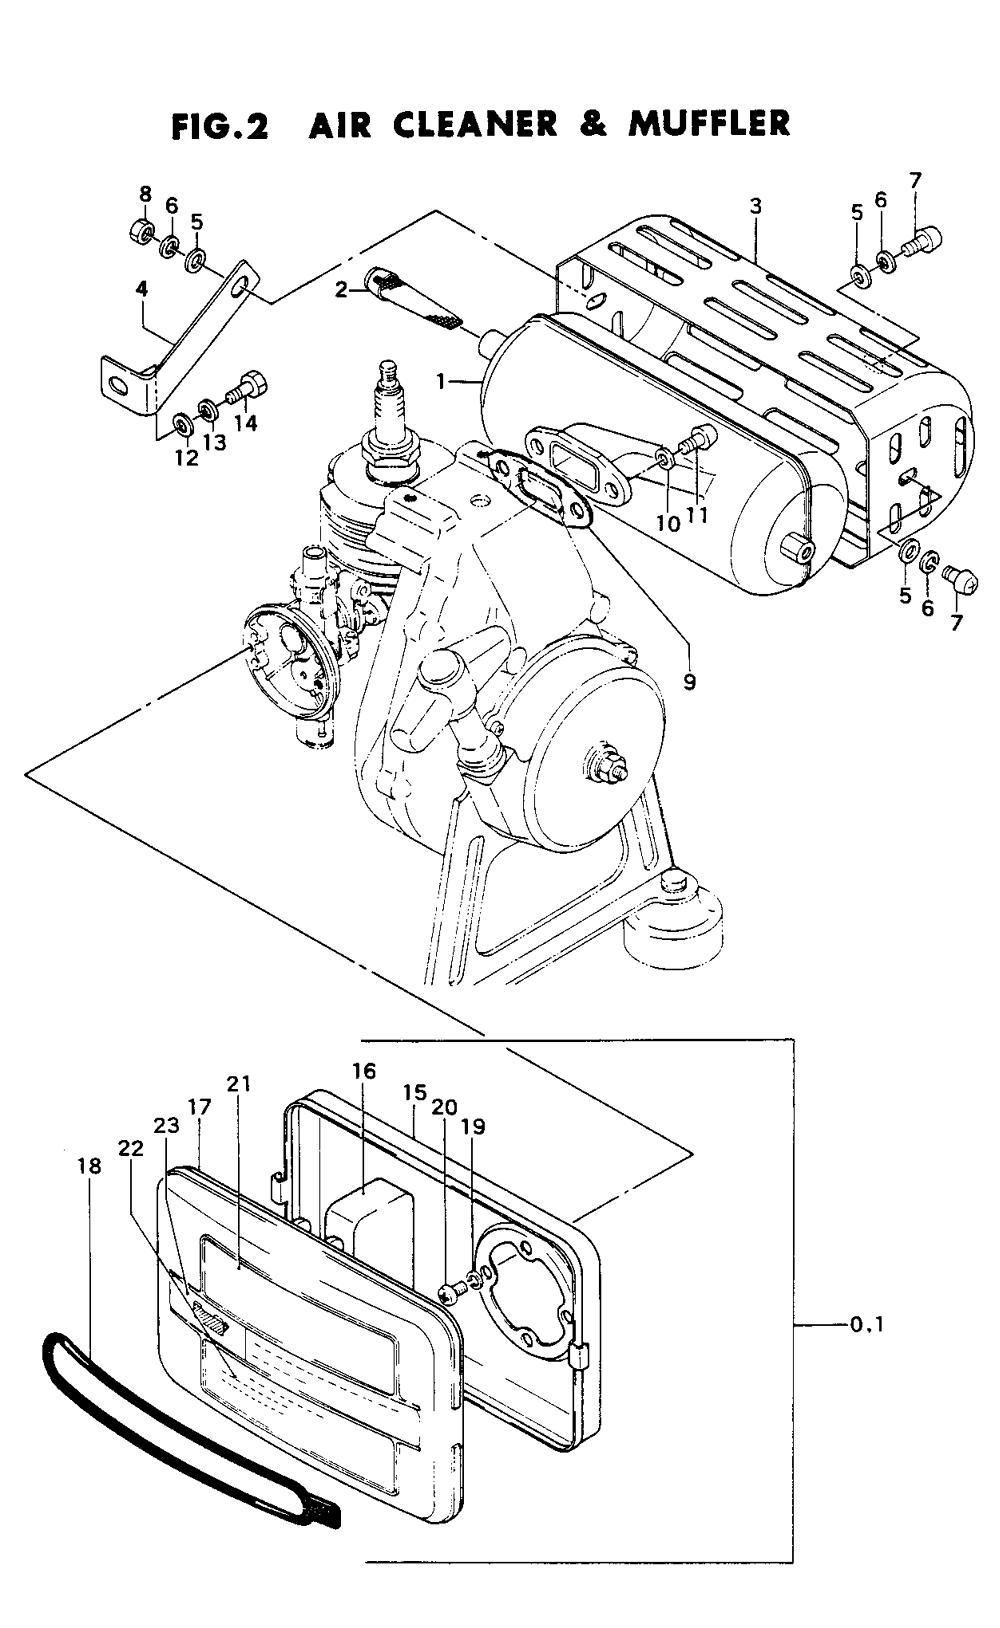 QEG-300-Tanaka-PB-1Break Down